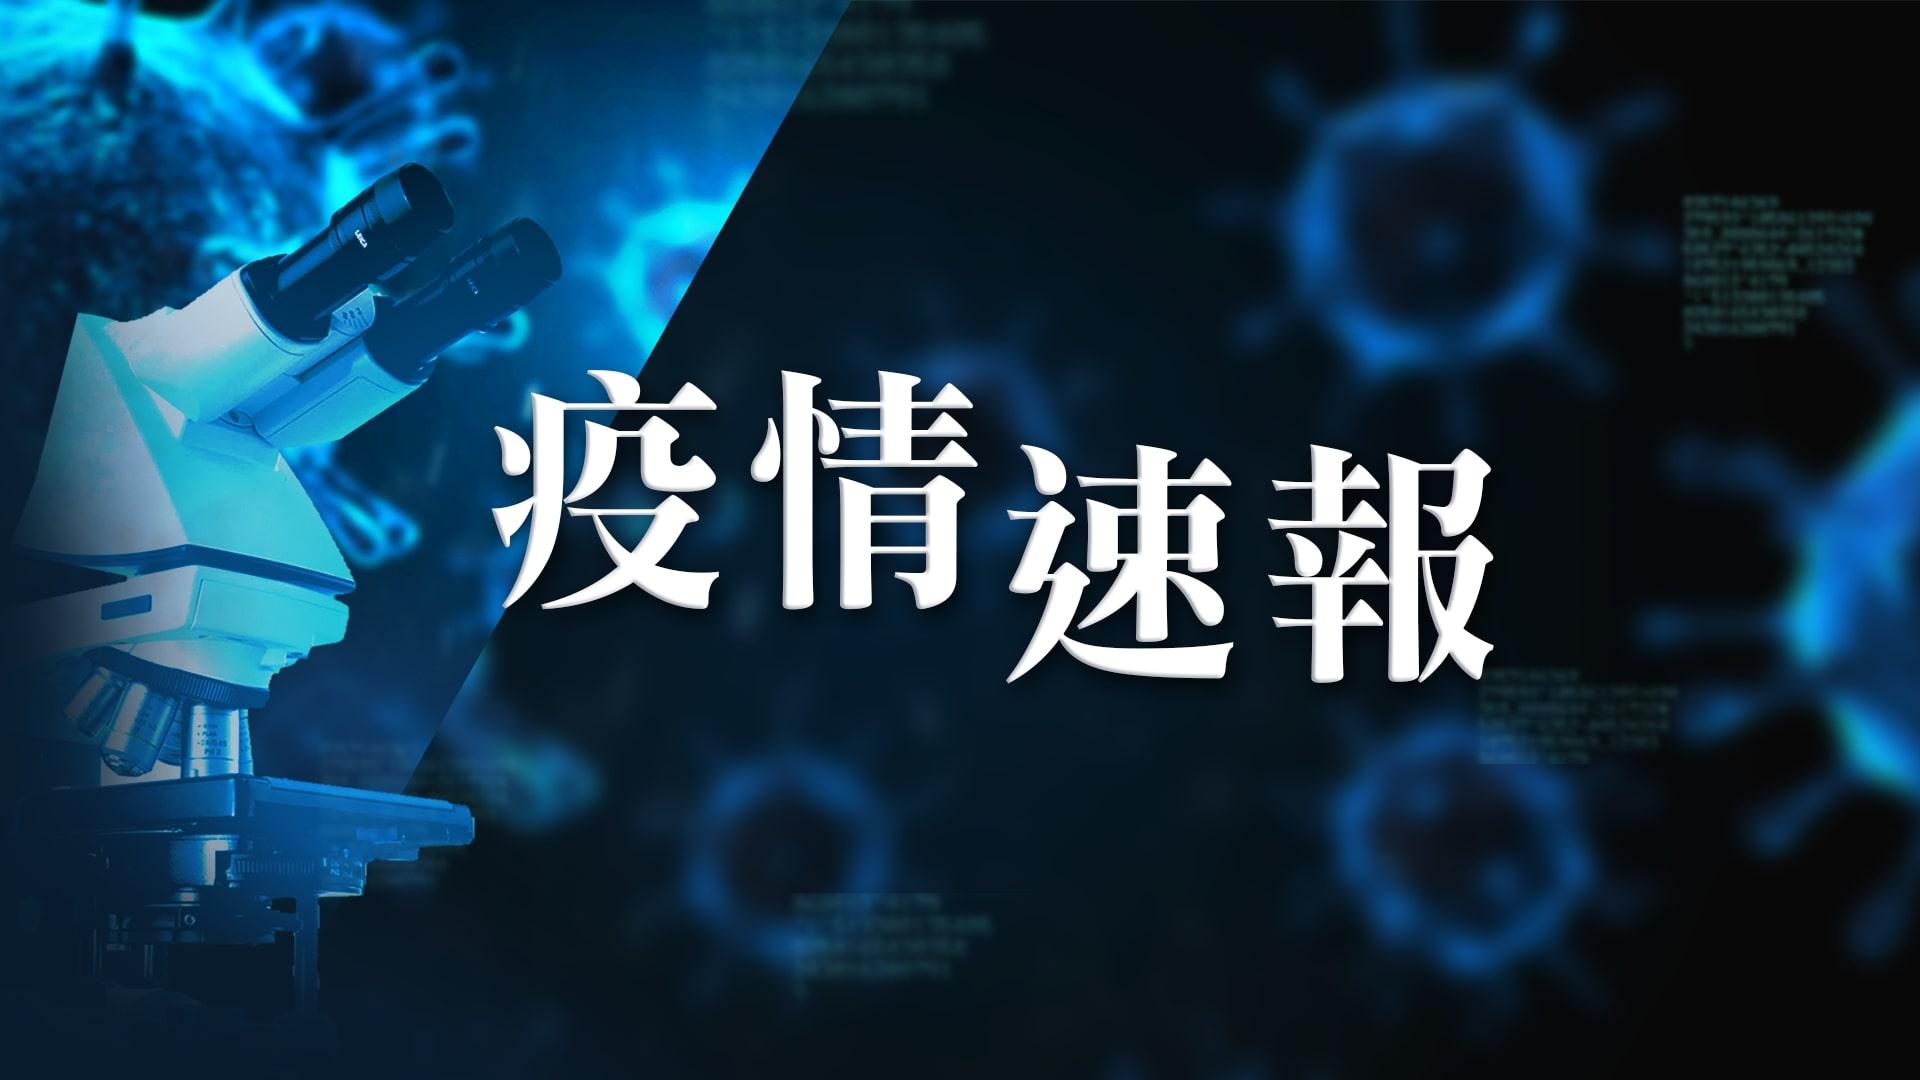 【10月20日疫情速報】(22:50)